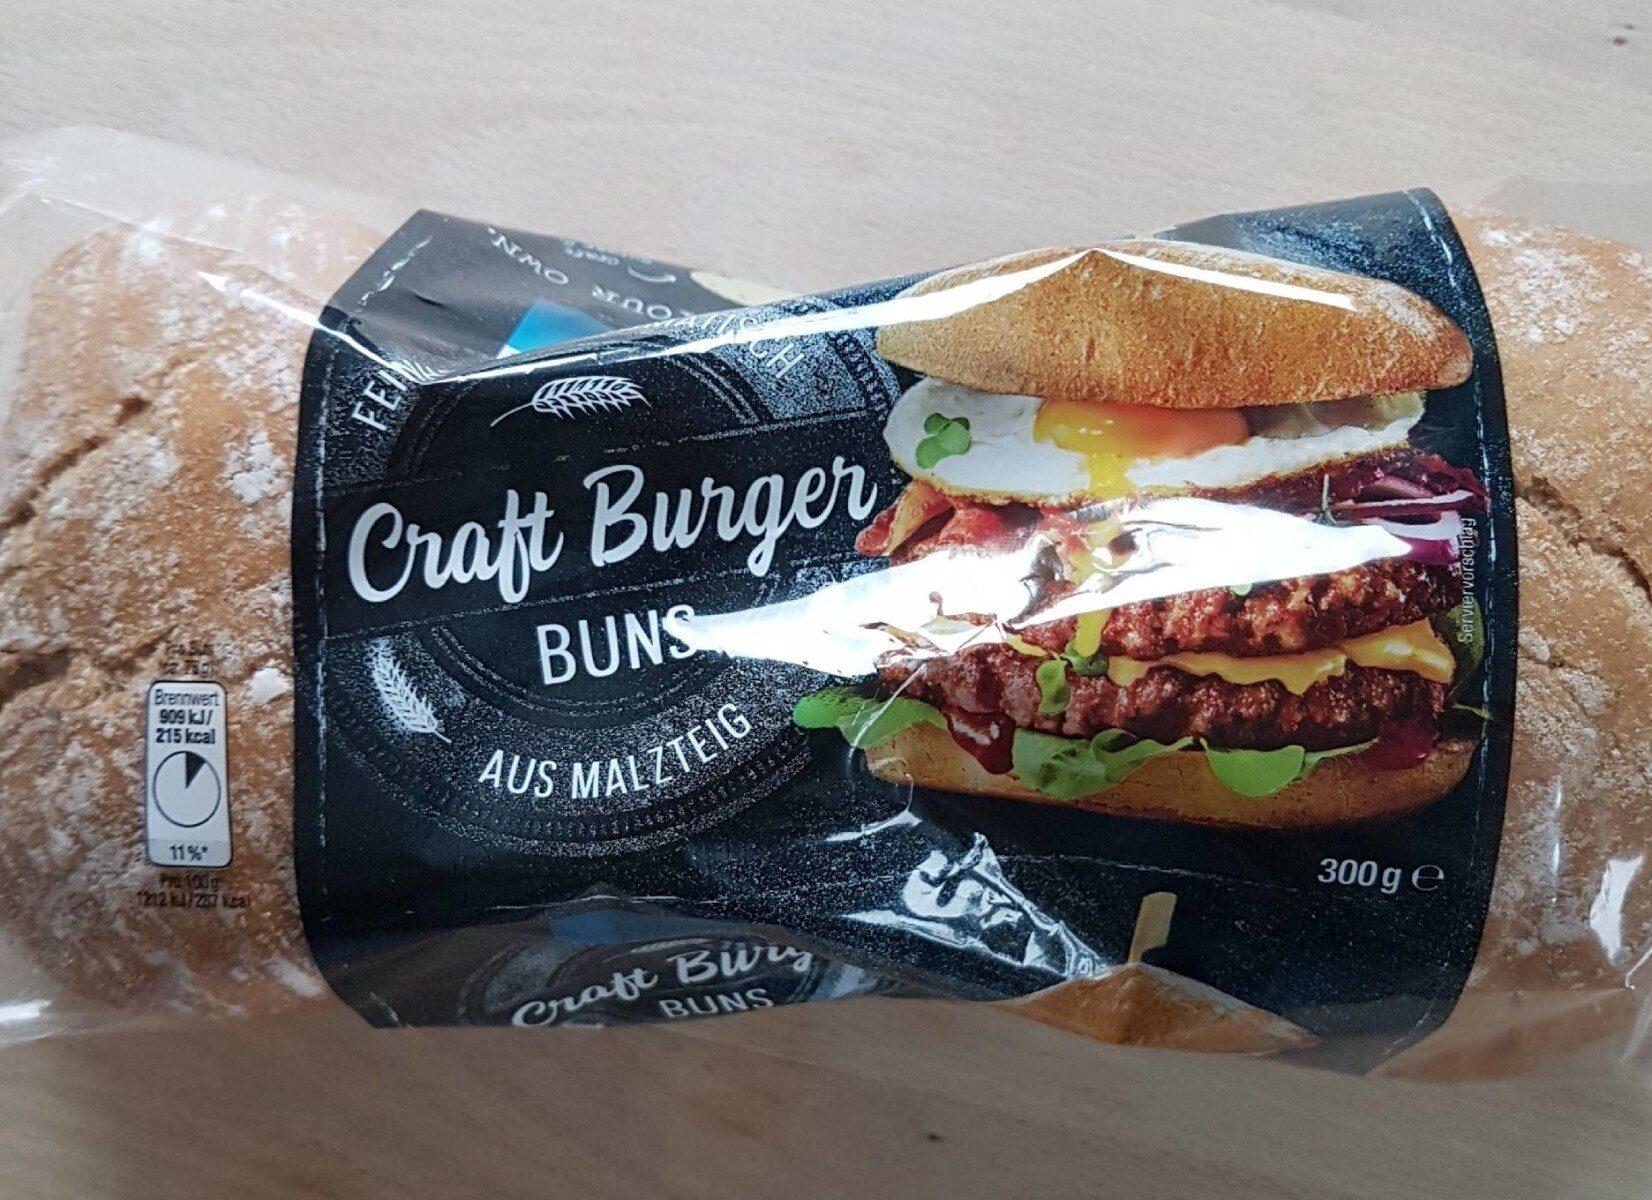 Craft Burger Bun - Prodotto - en